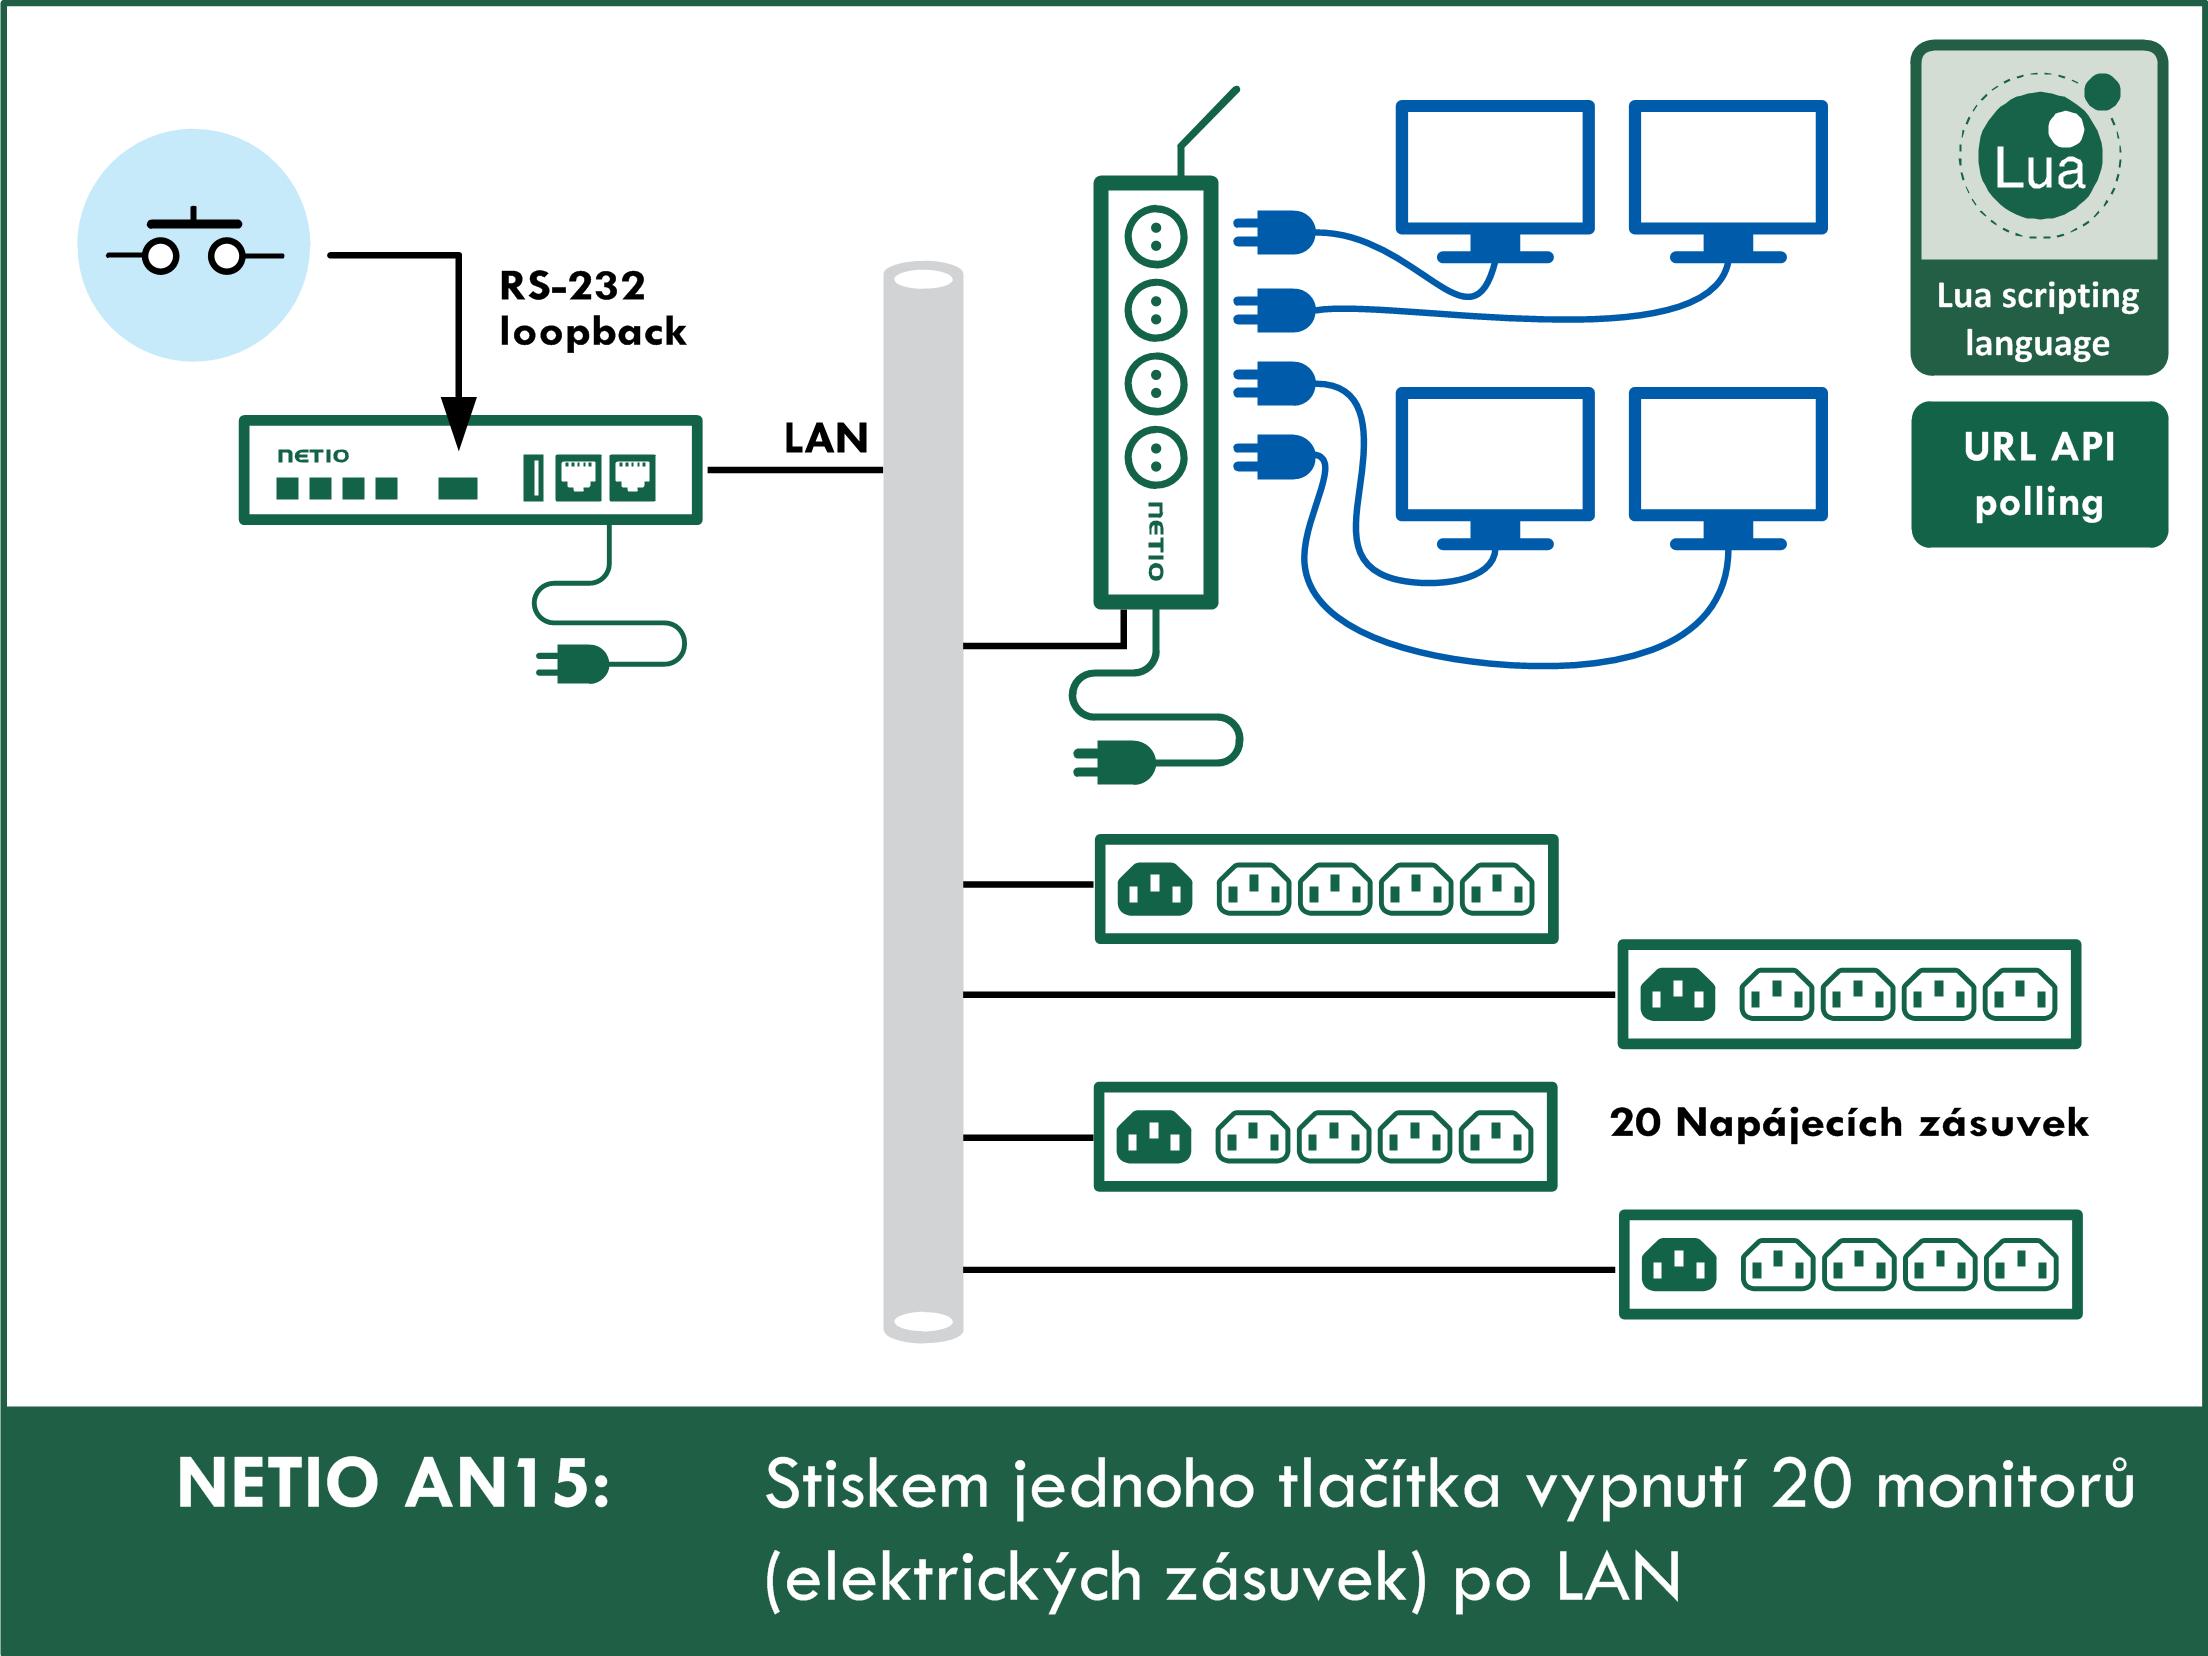 AN15 Stiskem jednoho tlačítka vypnutí 20 monitorů (elektrických zásuvek) po LAN